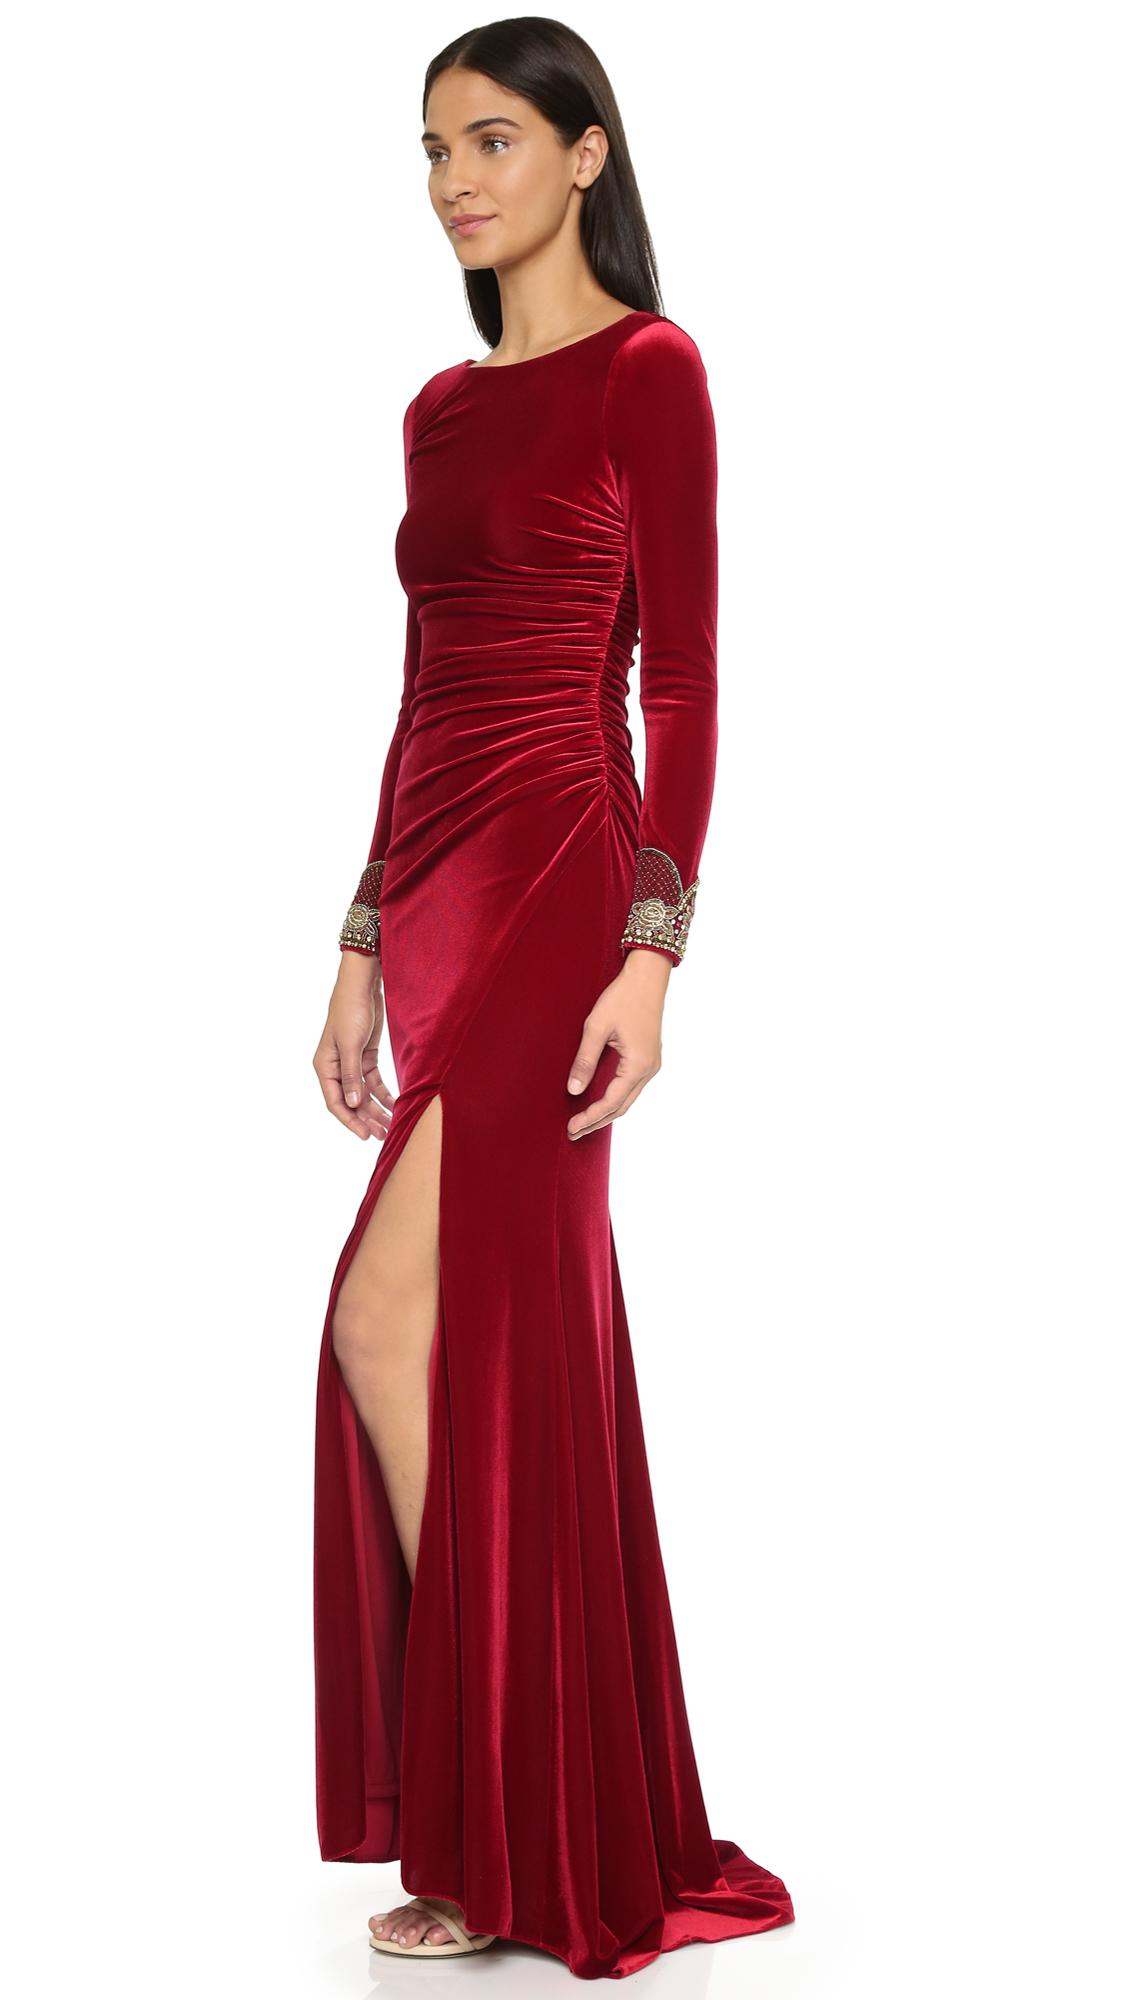 773a40102036 Lyst - Badgley Mischka Velvet Long Sleeve Dress - Crimson in Red